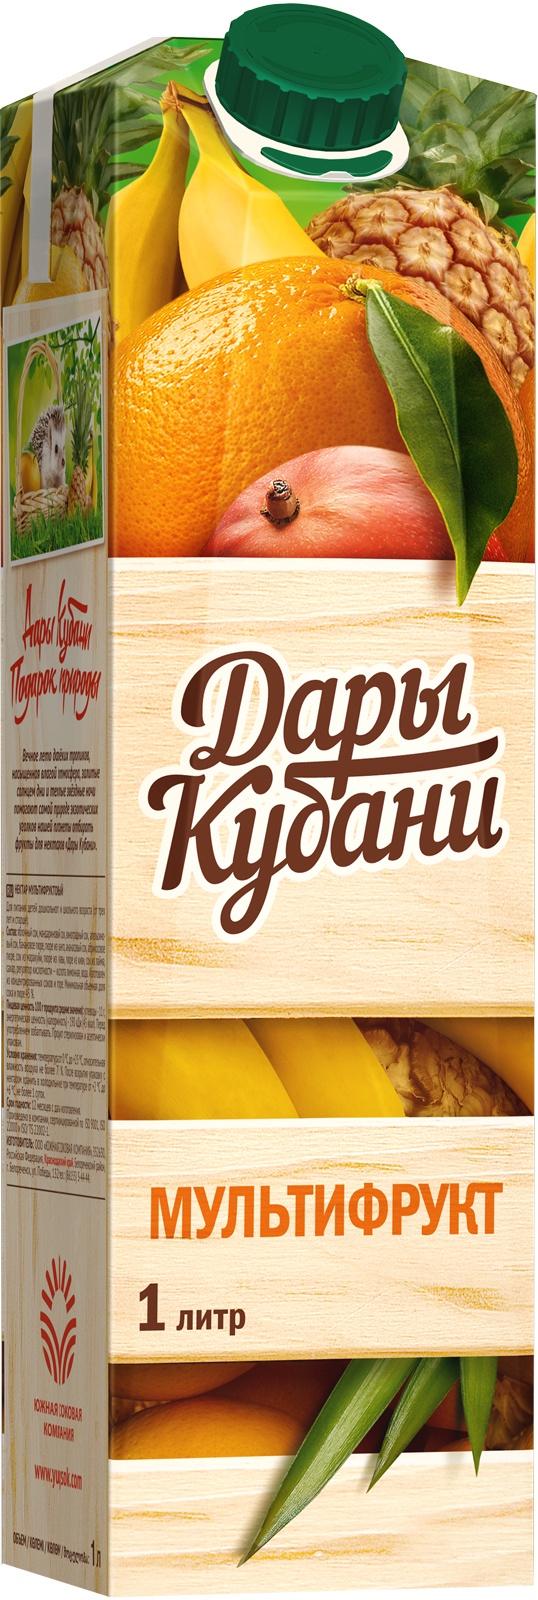 Нектар Дары Кубани мультифруктовый 1 л дары кубани масло подсолнечное рафинированное высший сорт 1 л